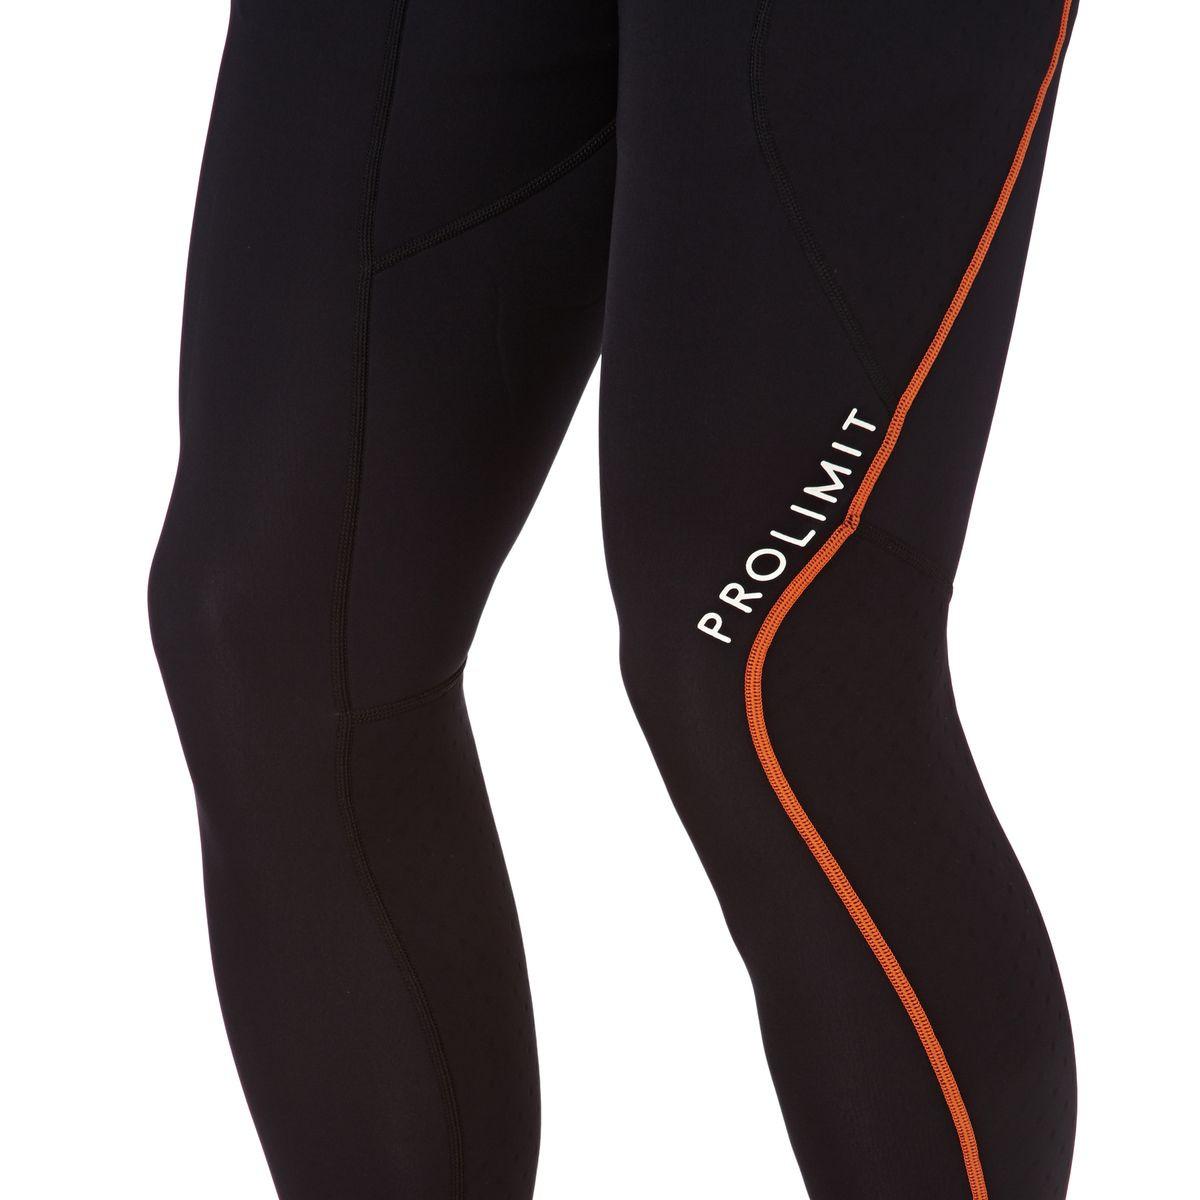 Prolimit SUP Neo 1mm 2017 Airmax Wetsuit Pants - Black/ Orange